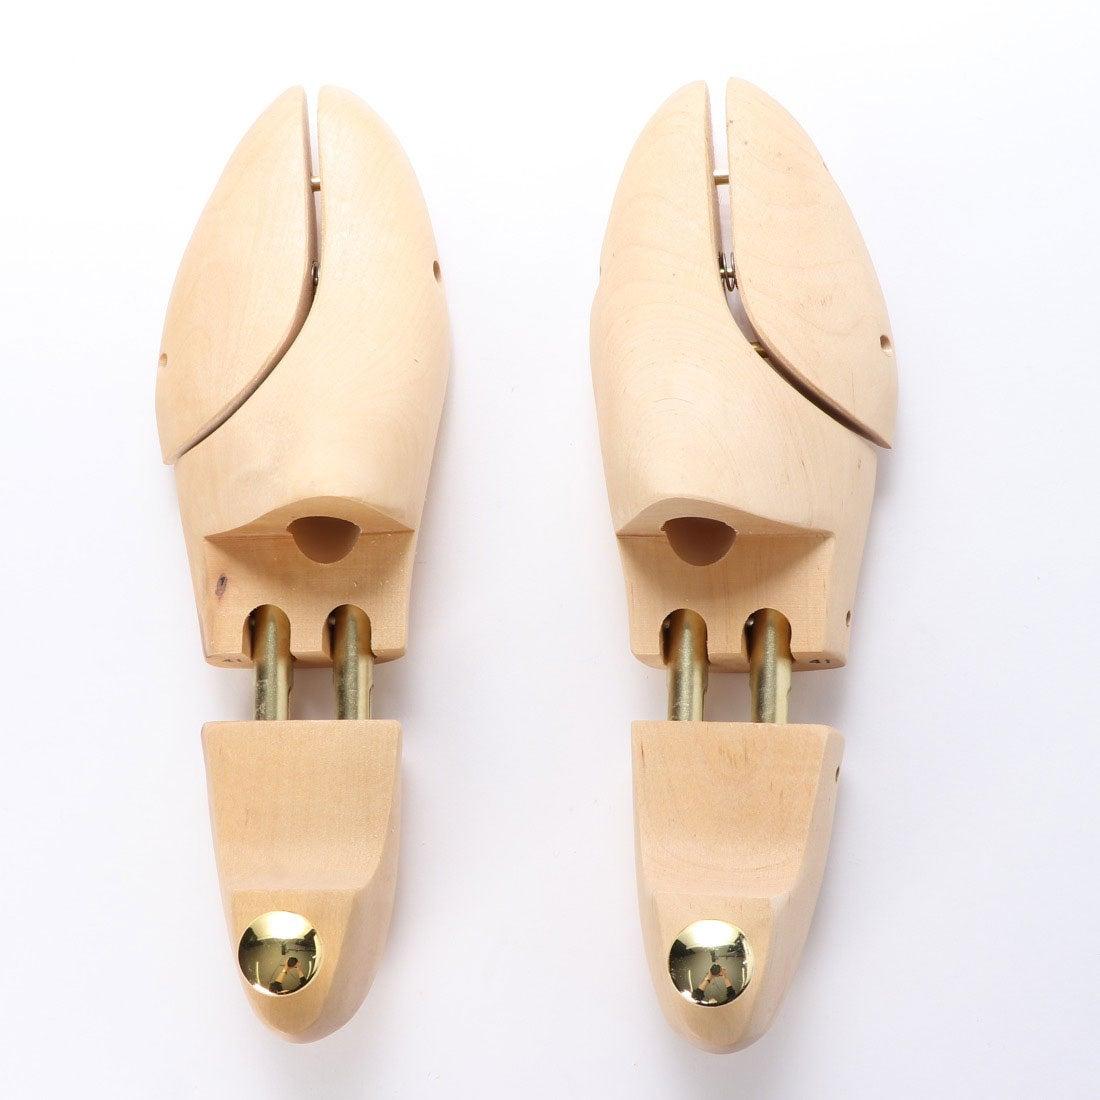 ロコンド 靴とファッションの通販サイトキングヤード KING YARD KINGYARD ツインチューブ #41 26-26.5cm (ニュートラル)